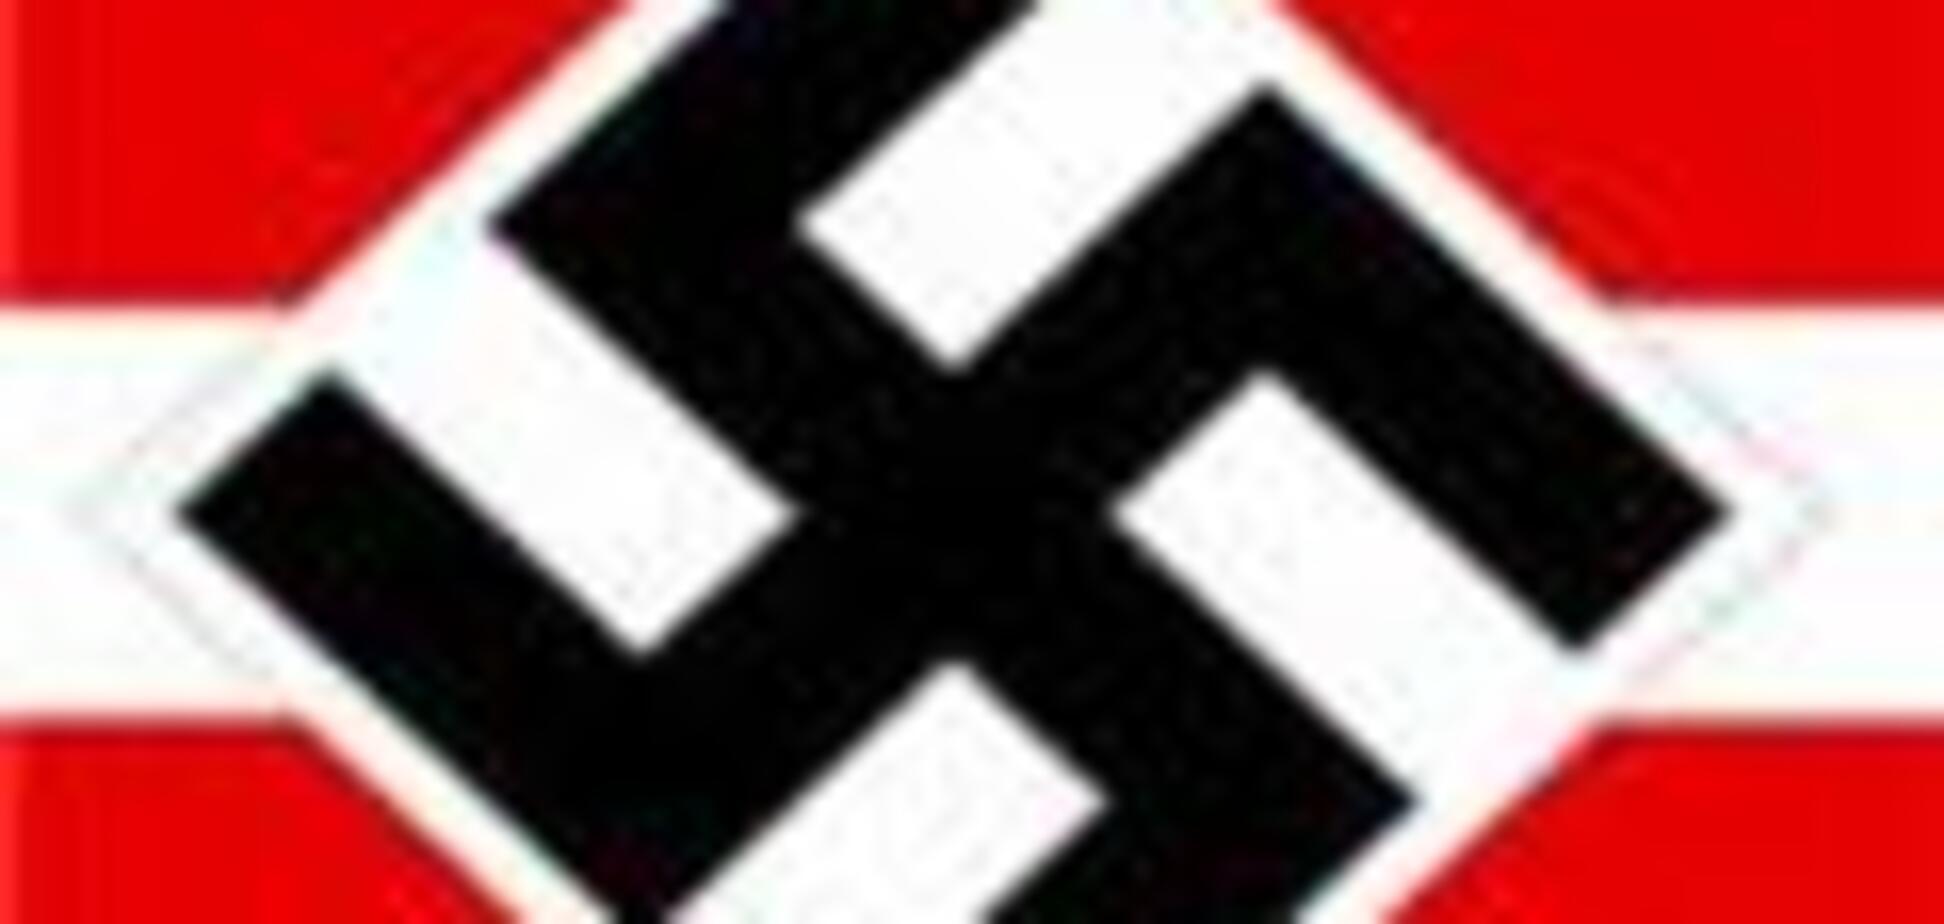 Поліція викрила' Гітлерюгенд' на півночі Італії